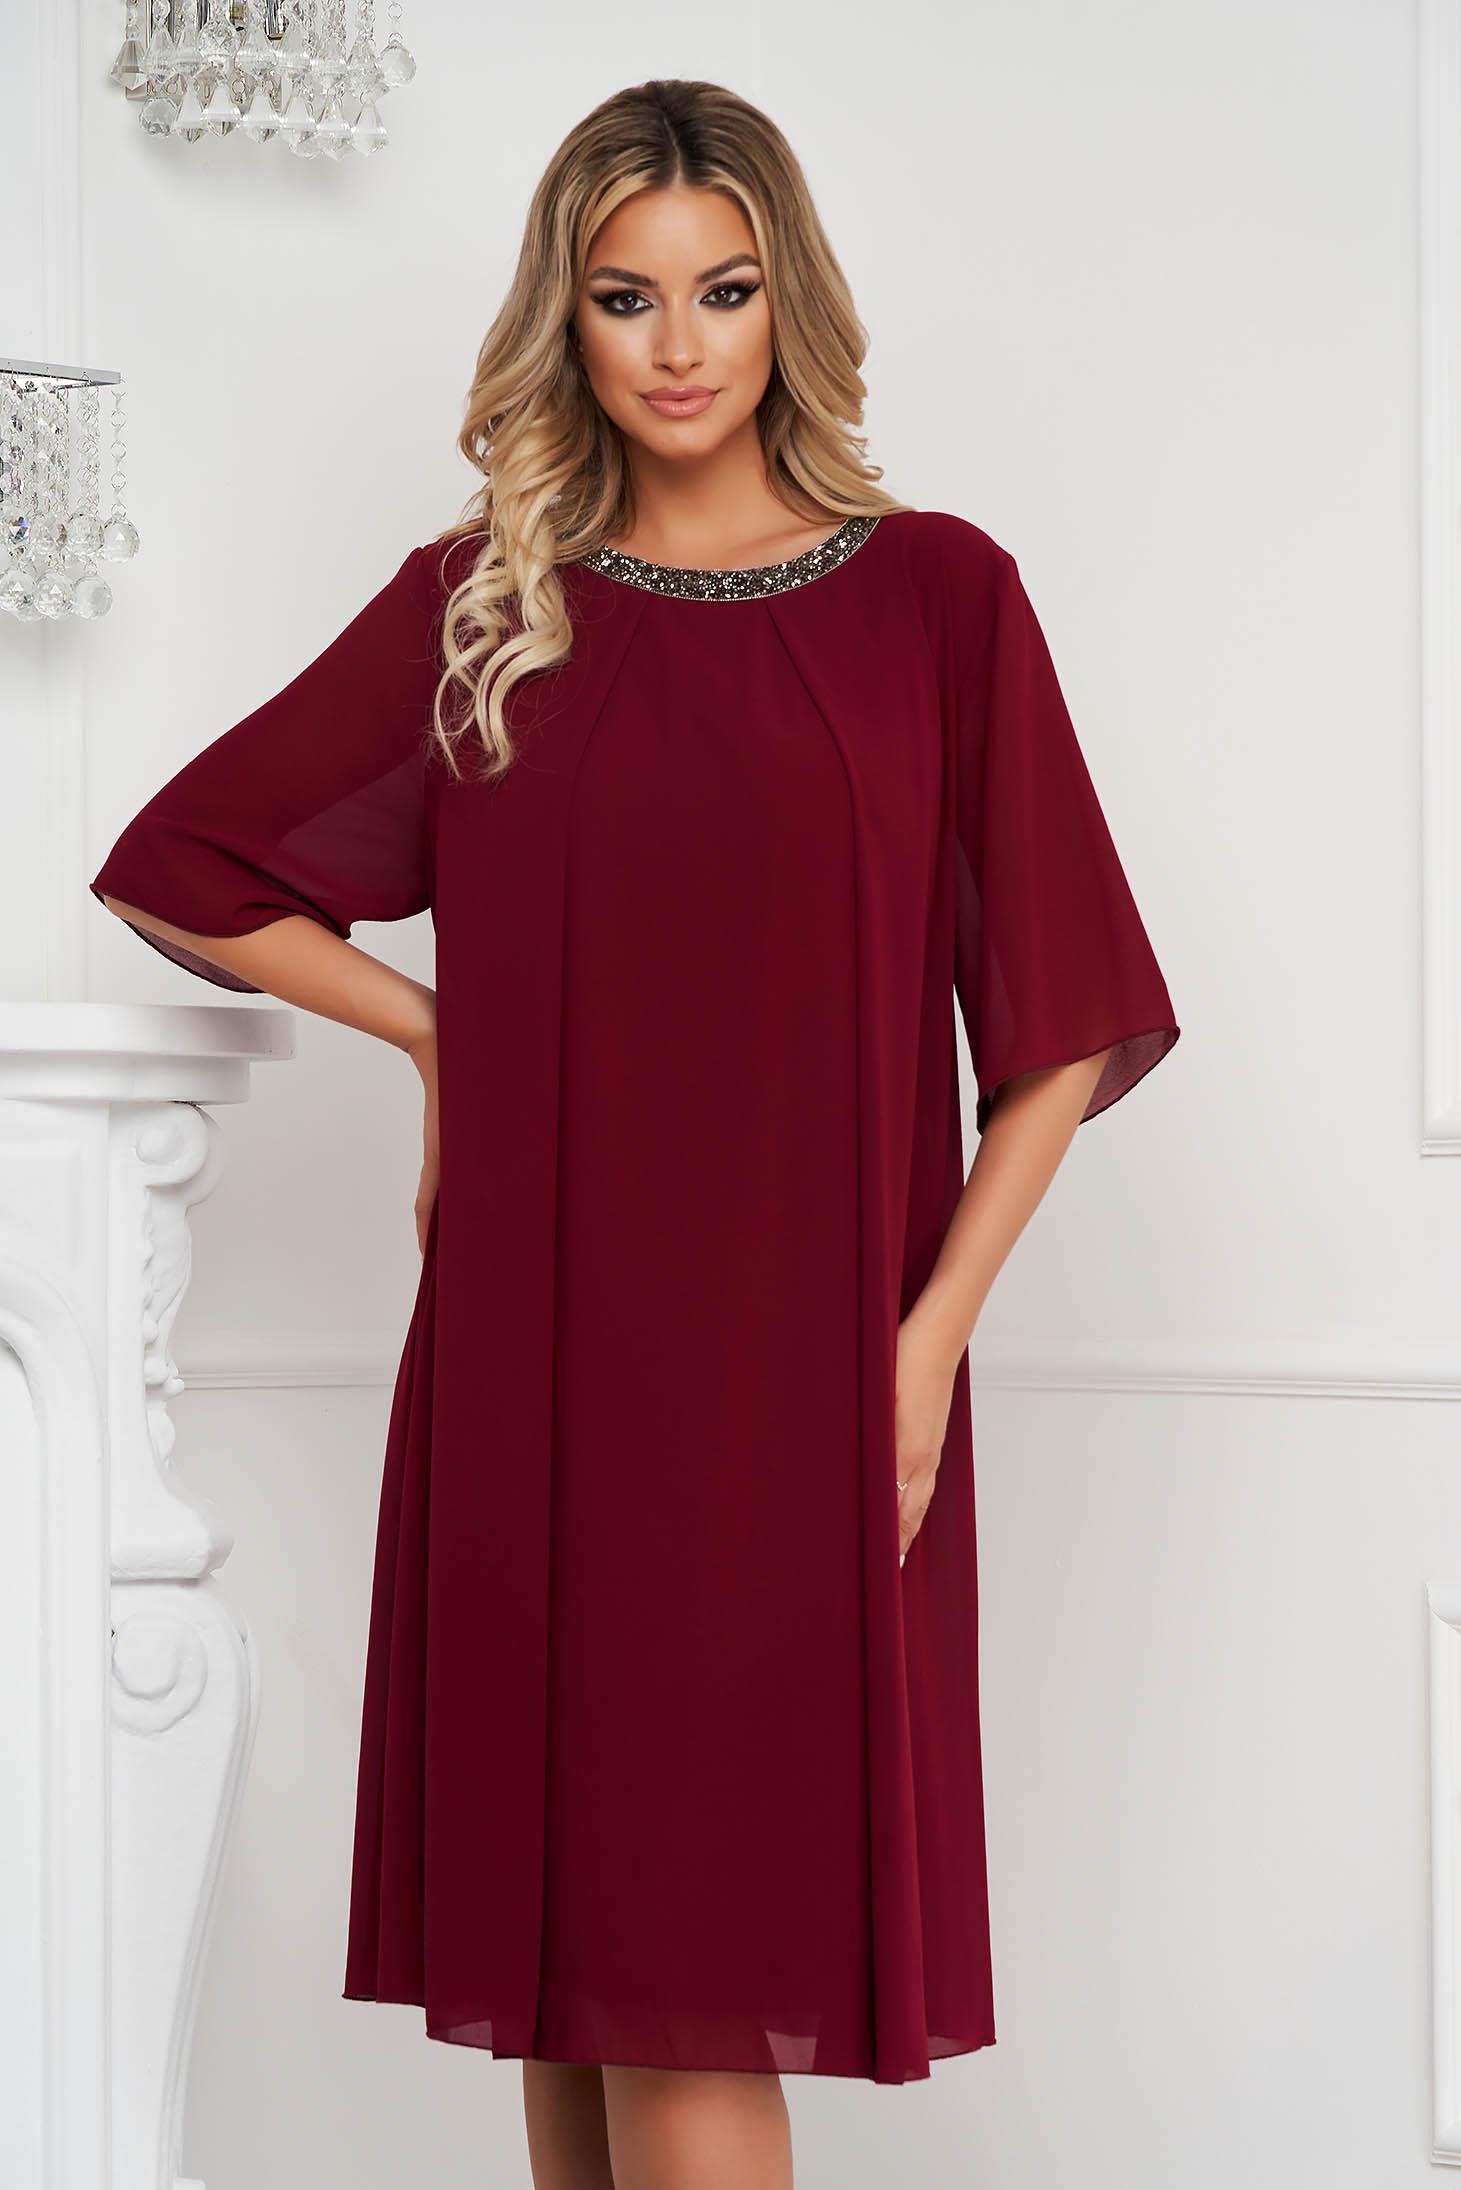 Bő szabású burgundy midi muszlin ruha strassz köves díszítés